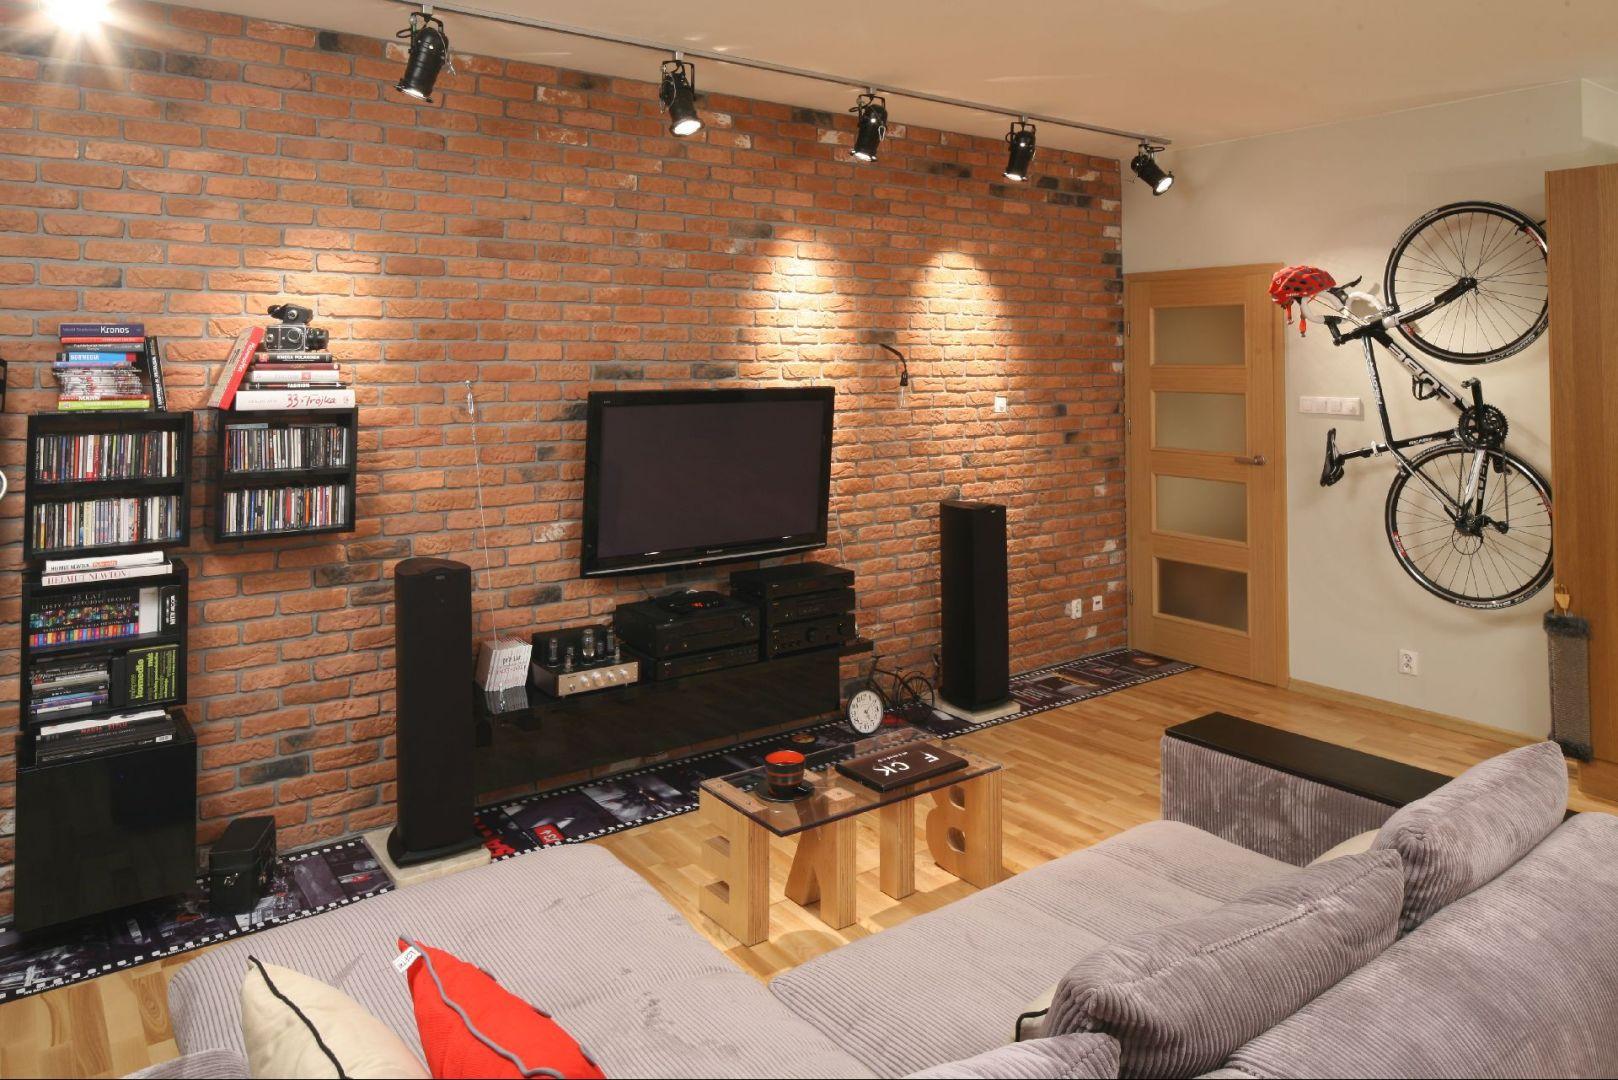 Cegła na ścianie to modny, ale przytulny element tego salonu. Podłoga to wyraźny i ciepły wzór drewna. Proj. wnętrza Iza Szewc, Fabryka Nastroju